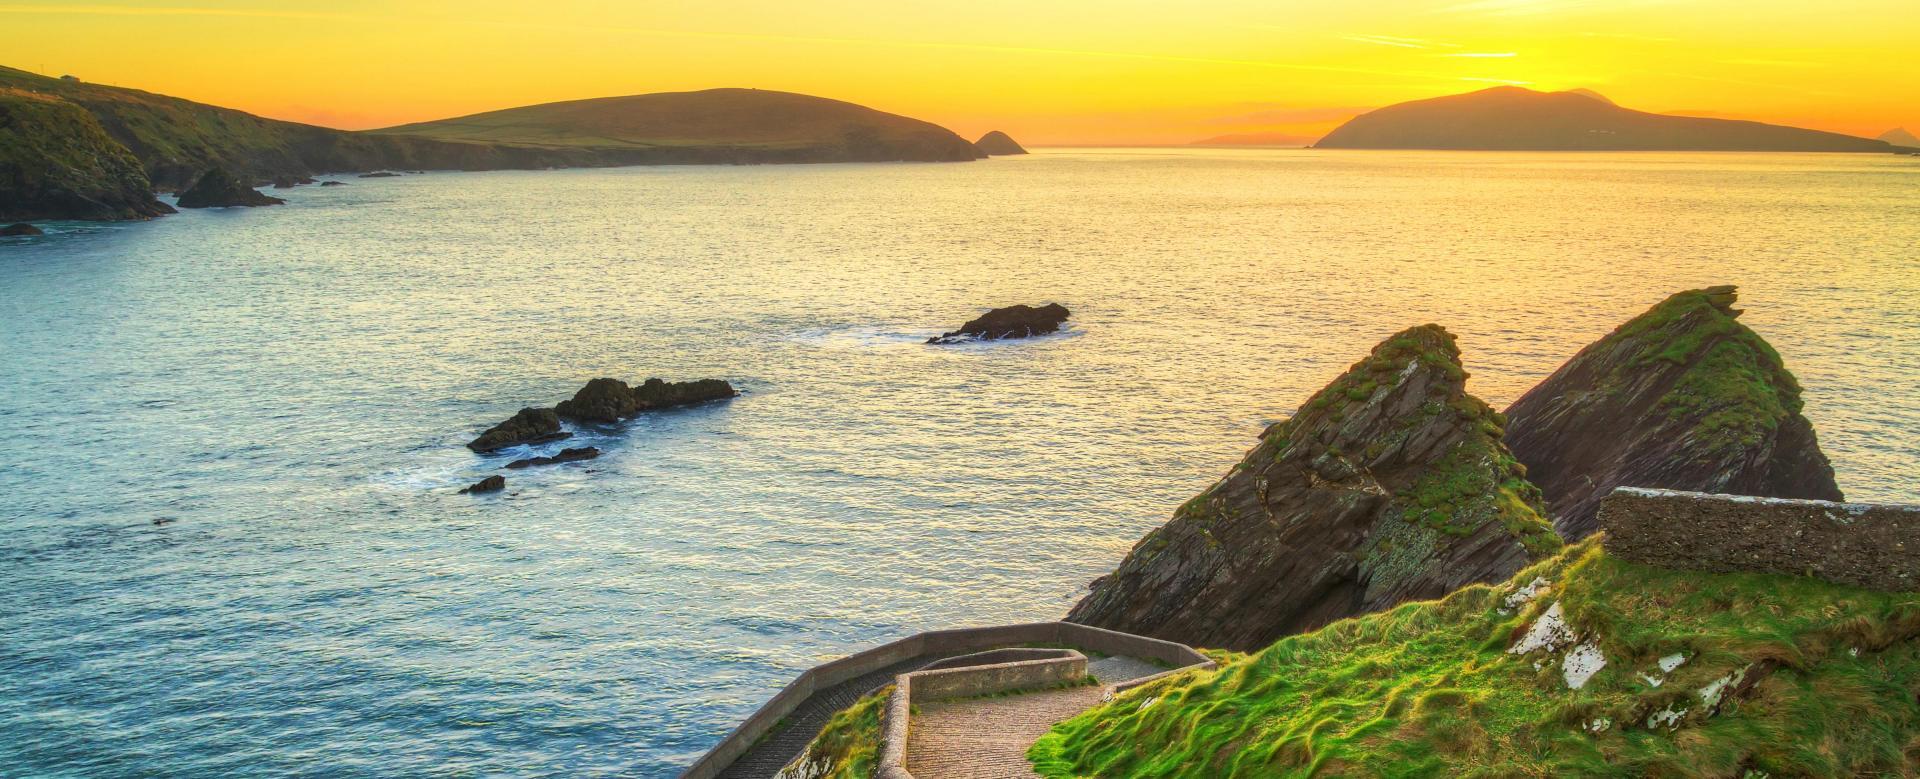 Voyage sur l'eau : Irlande, échos de la lande